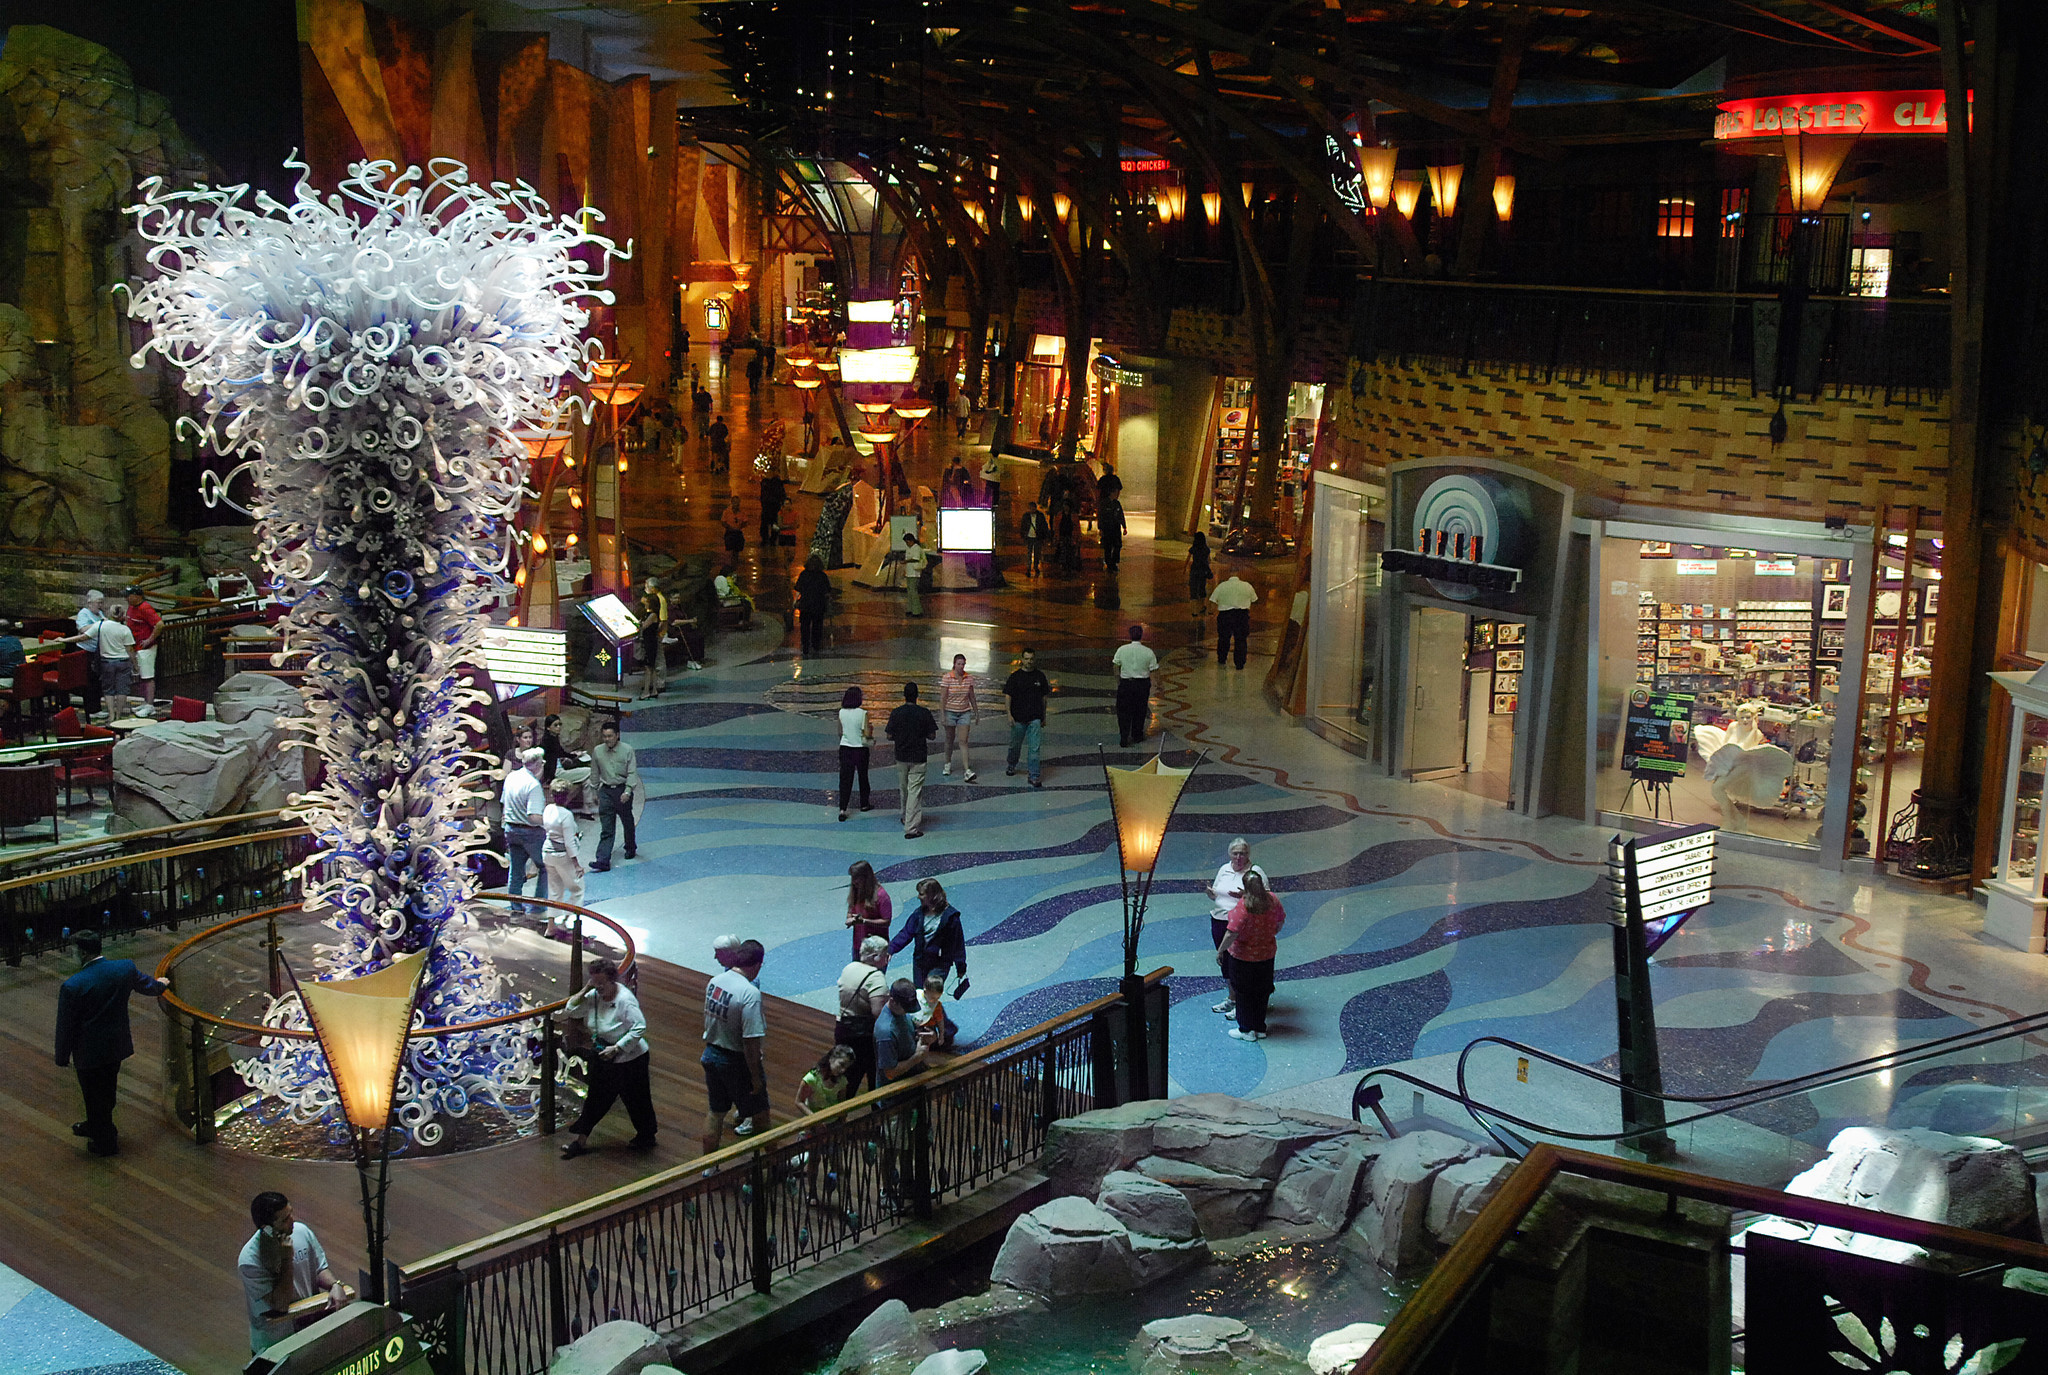 Foxwood casino pictures